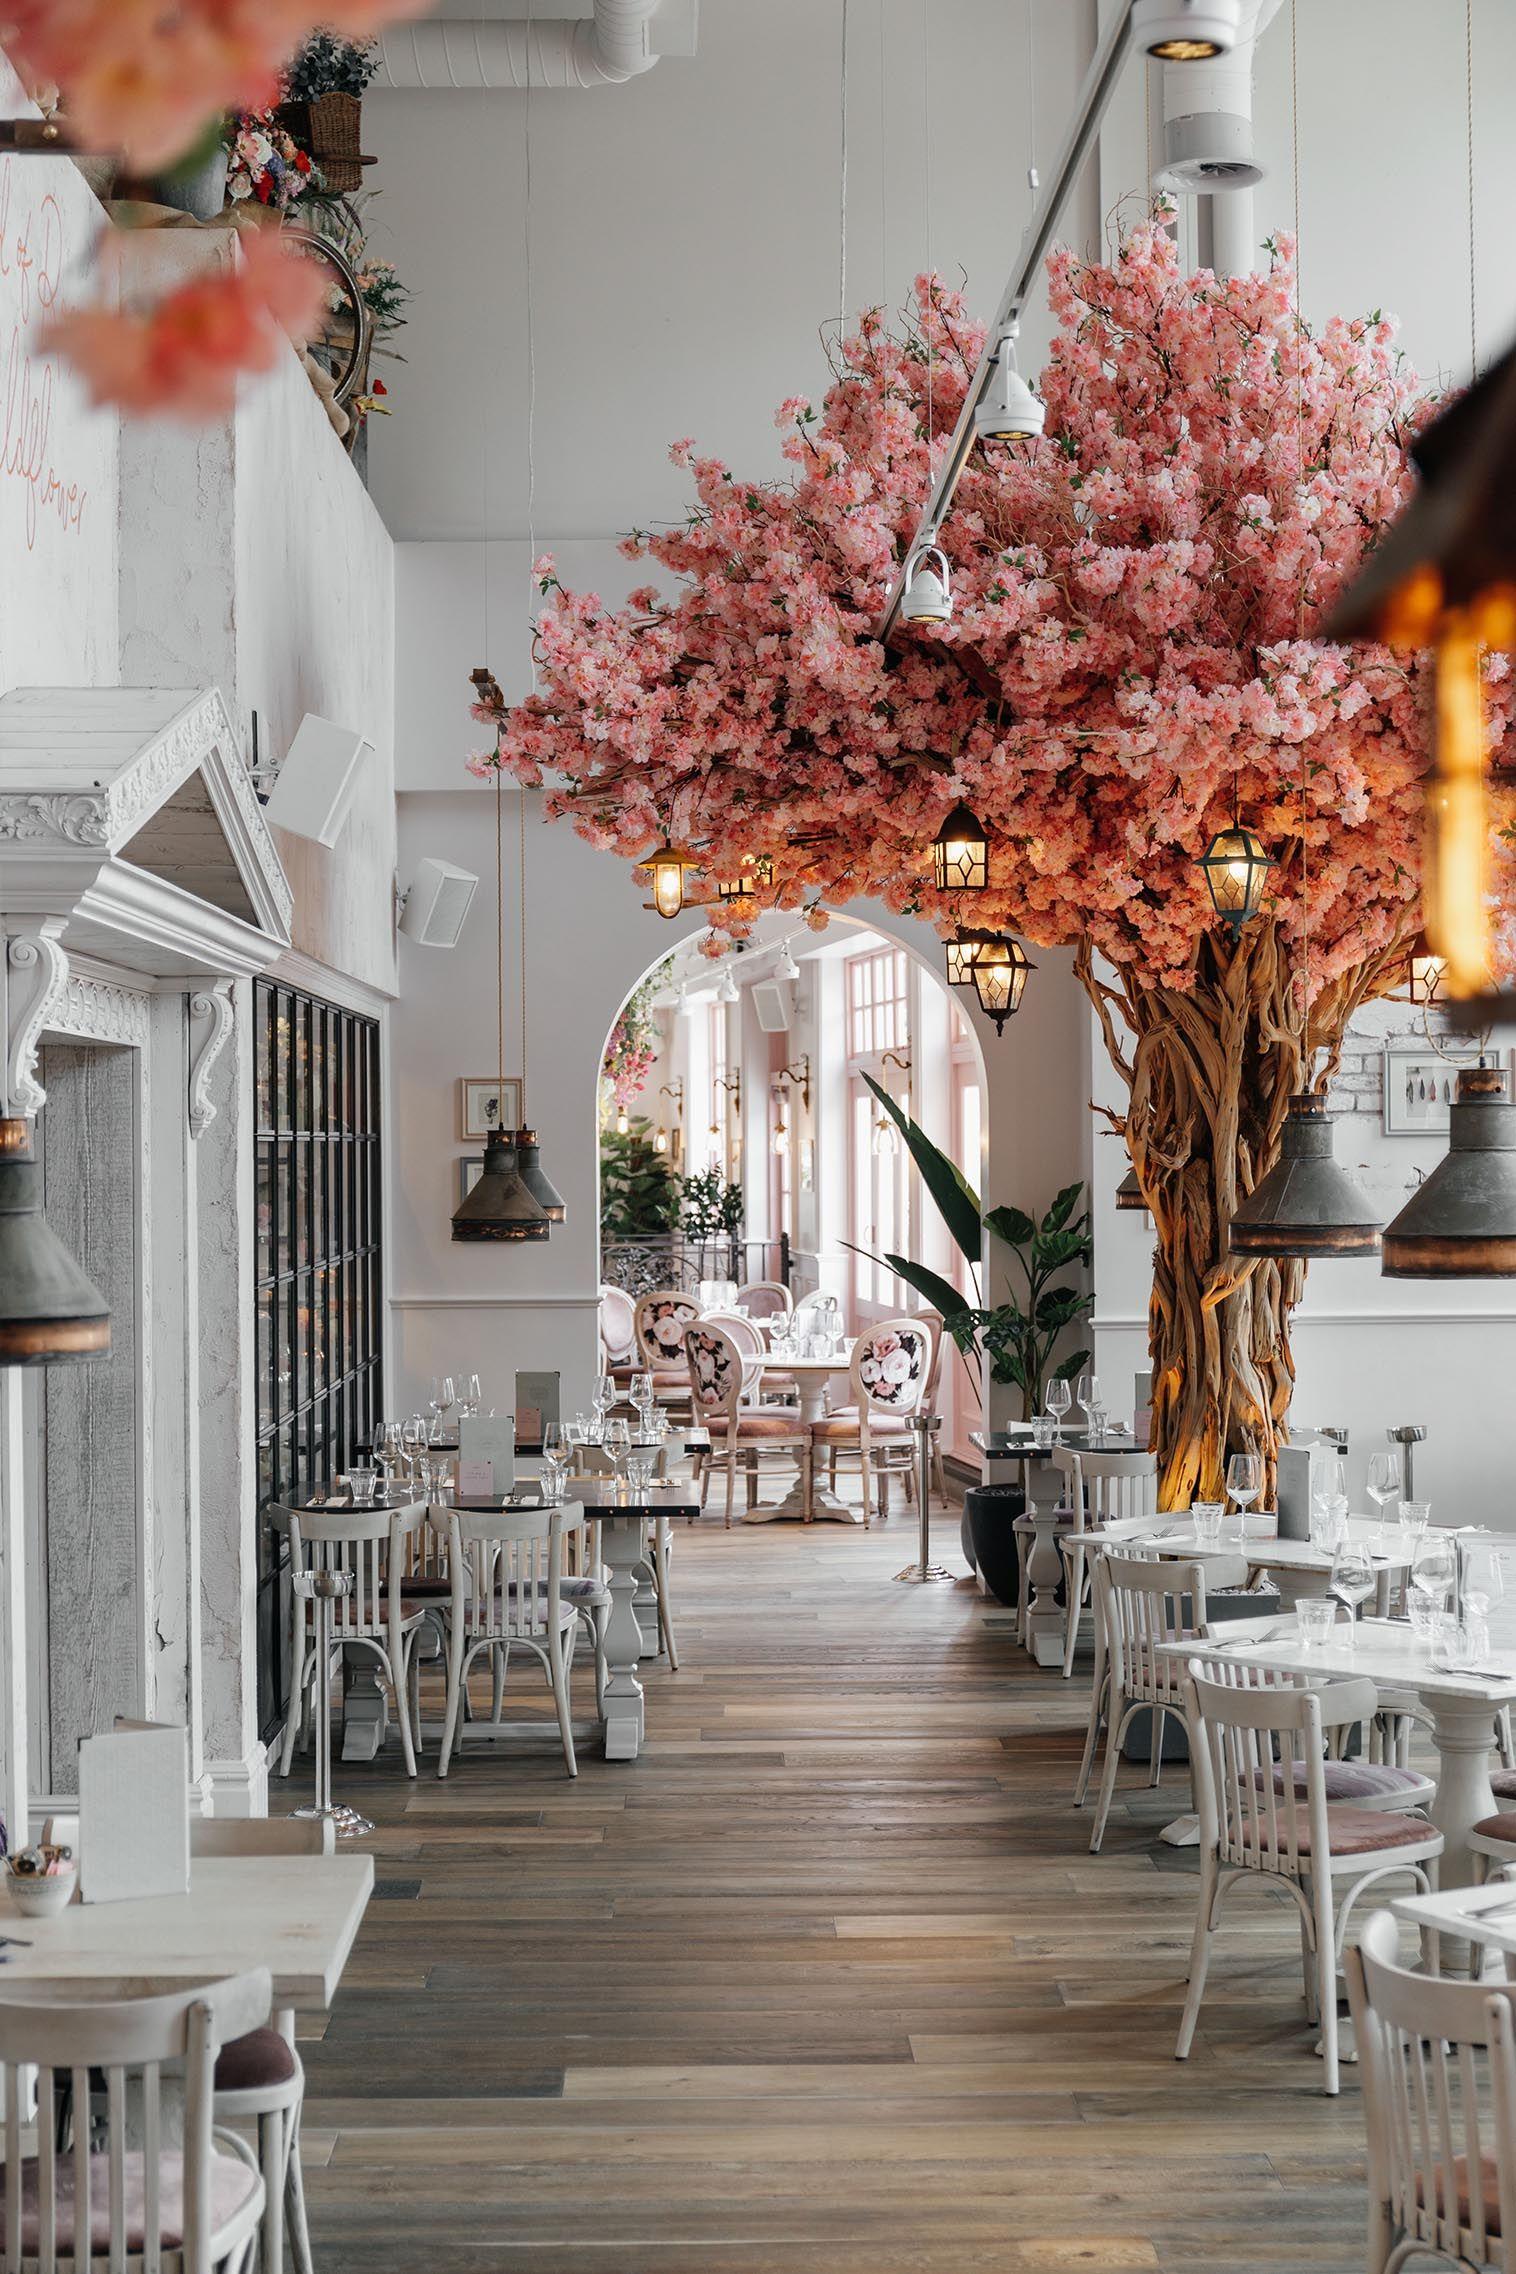 Add This Blooming British Restaurant To Your Brunch Bucket List Asap Restaurant Interior Design British Restaurants Cafe Interior Design